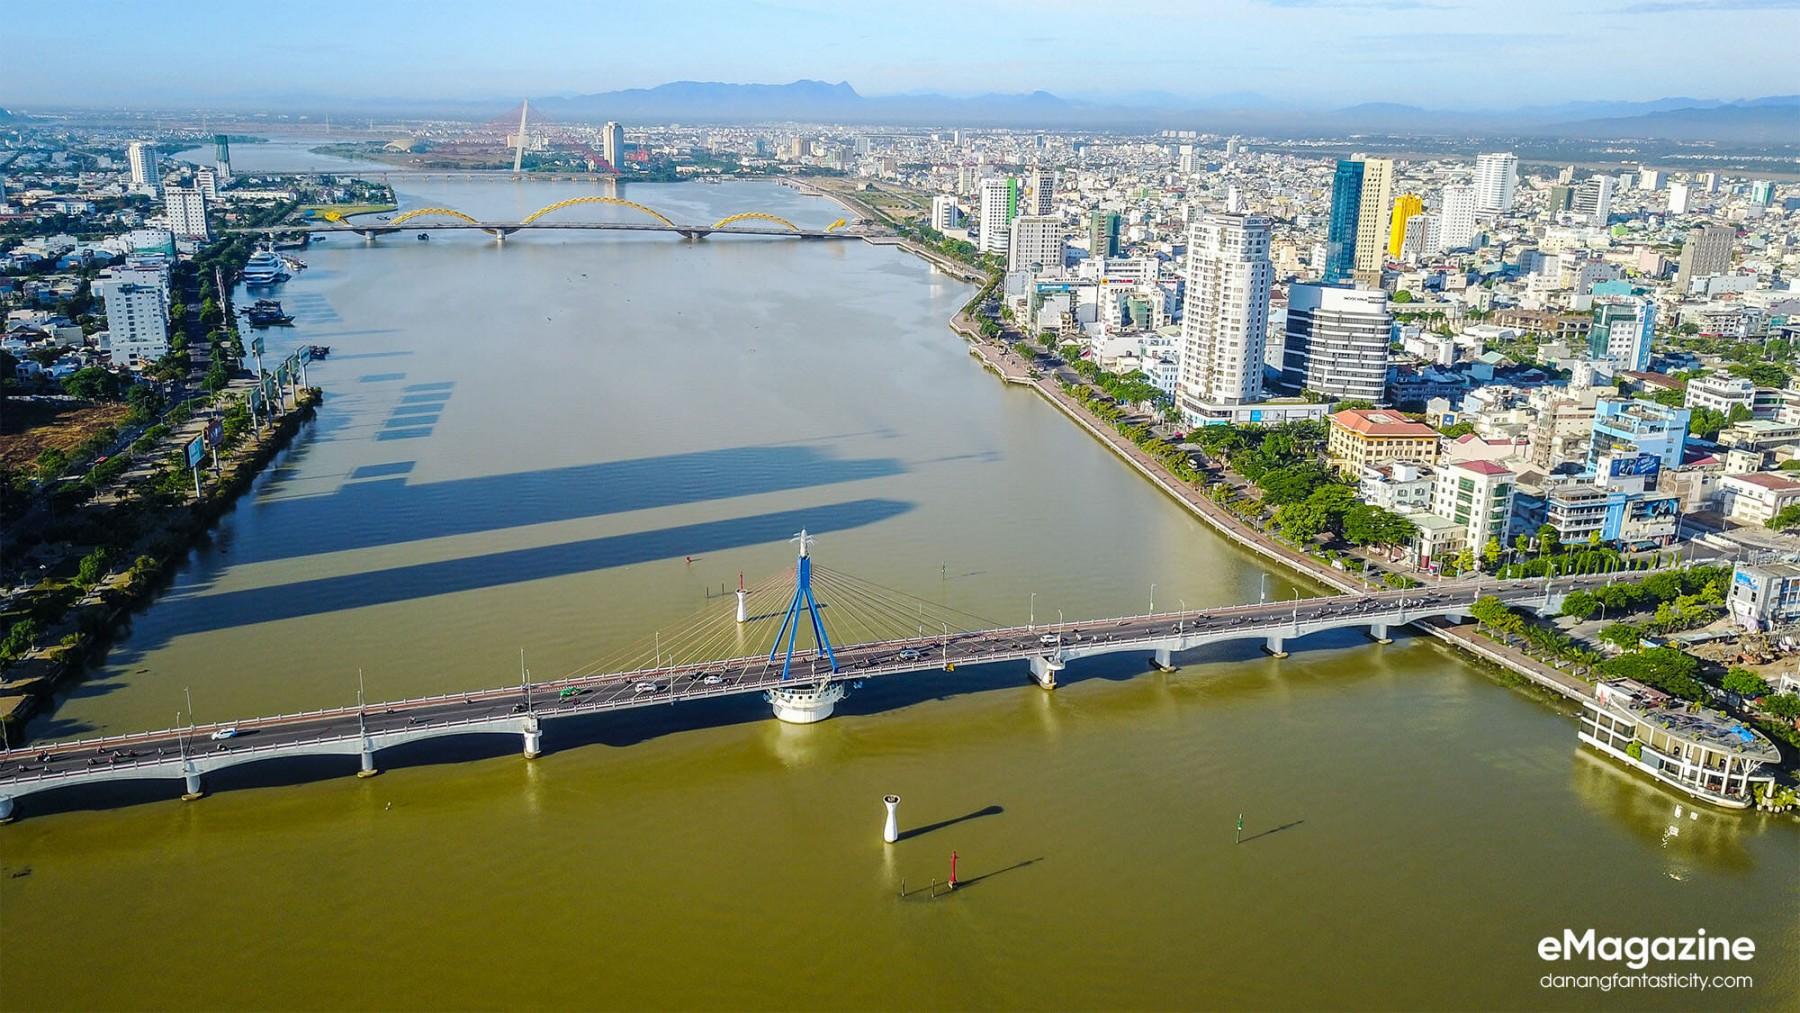 The-dazzling-beauty-of-Han-River-Bridge-under-city-lights-vẻ-đẹp-của-cầu-sông-Hàn-vào-ban-đêm-Han-River-Bridge-DN-residences-pride-danang-discovery